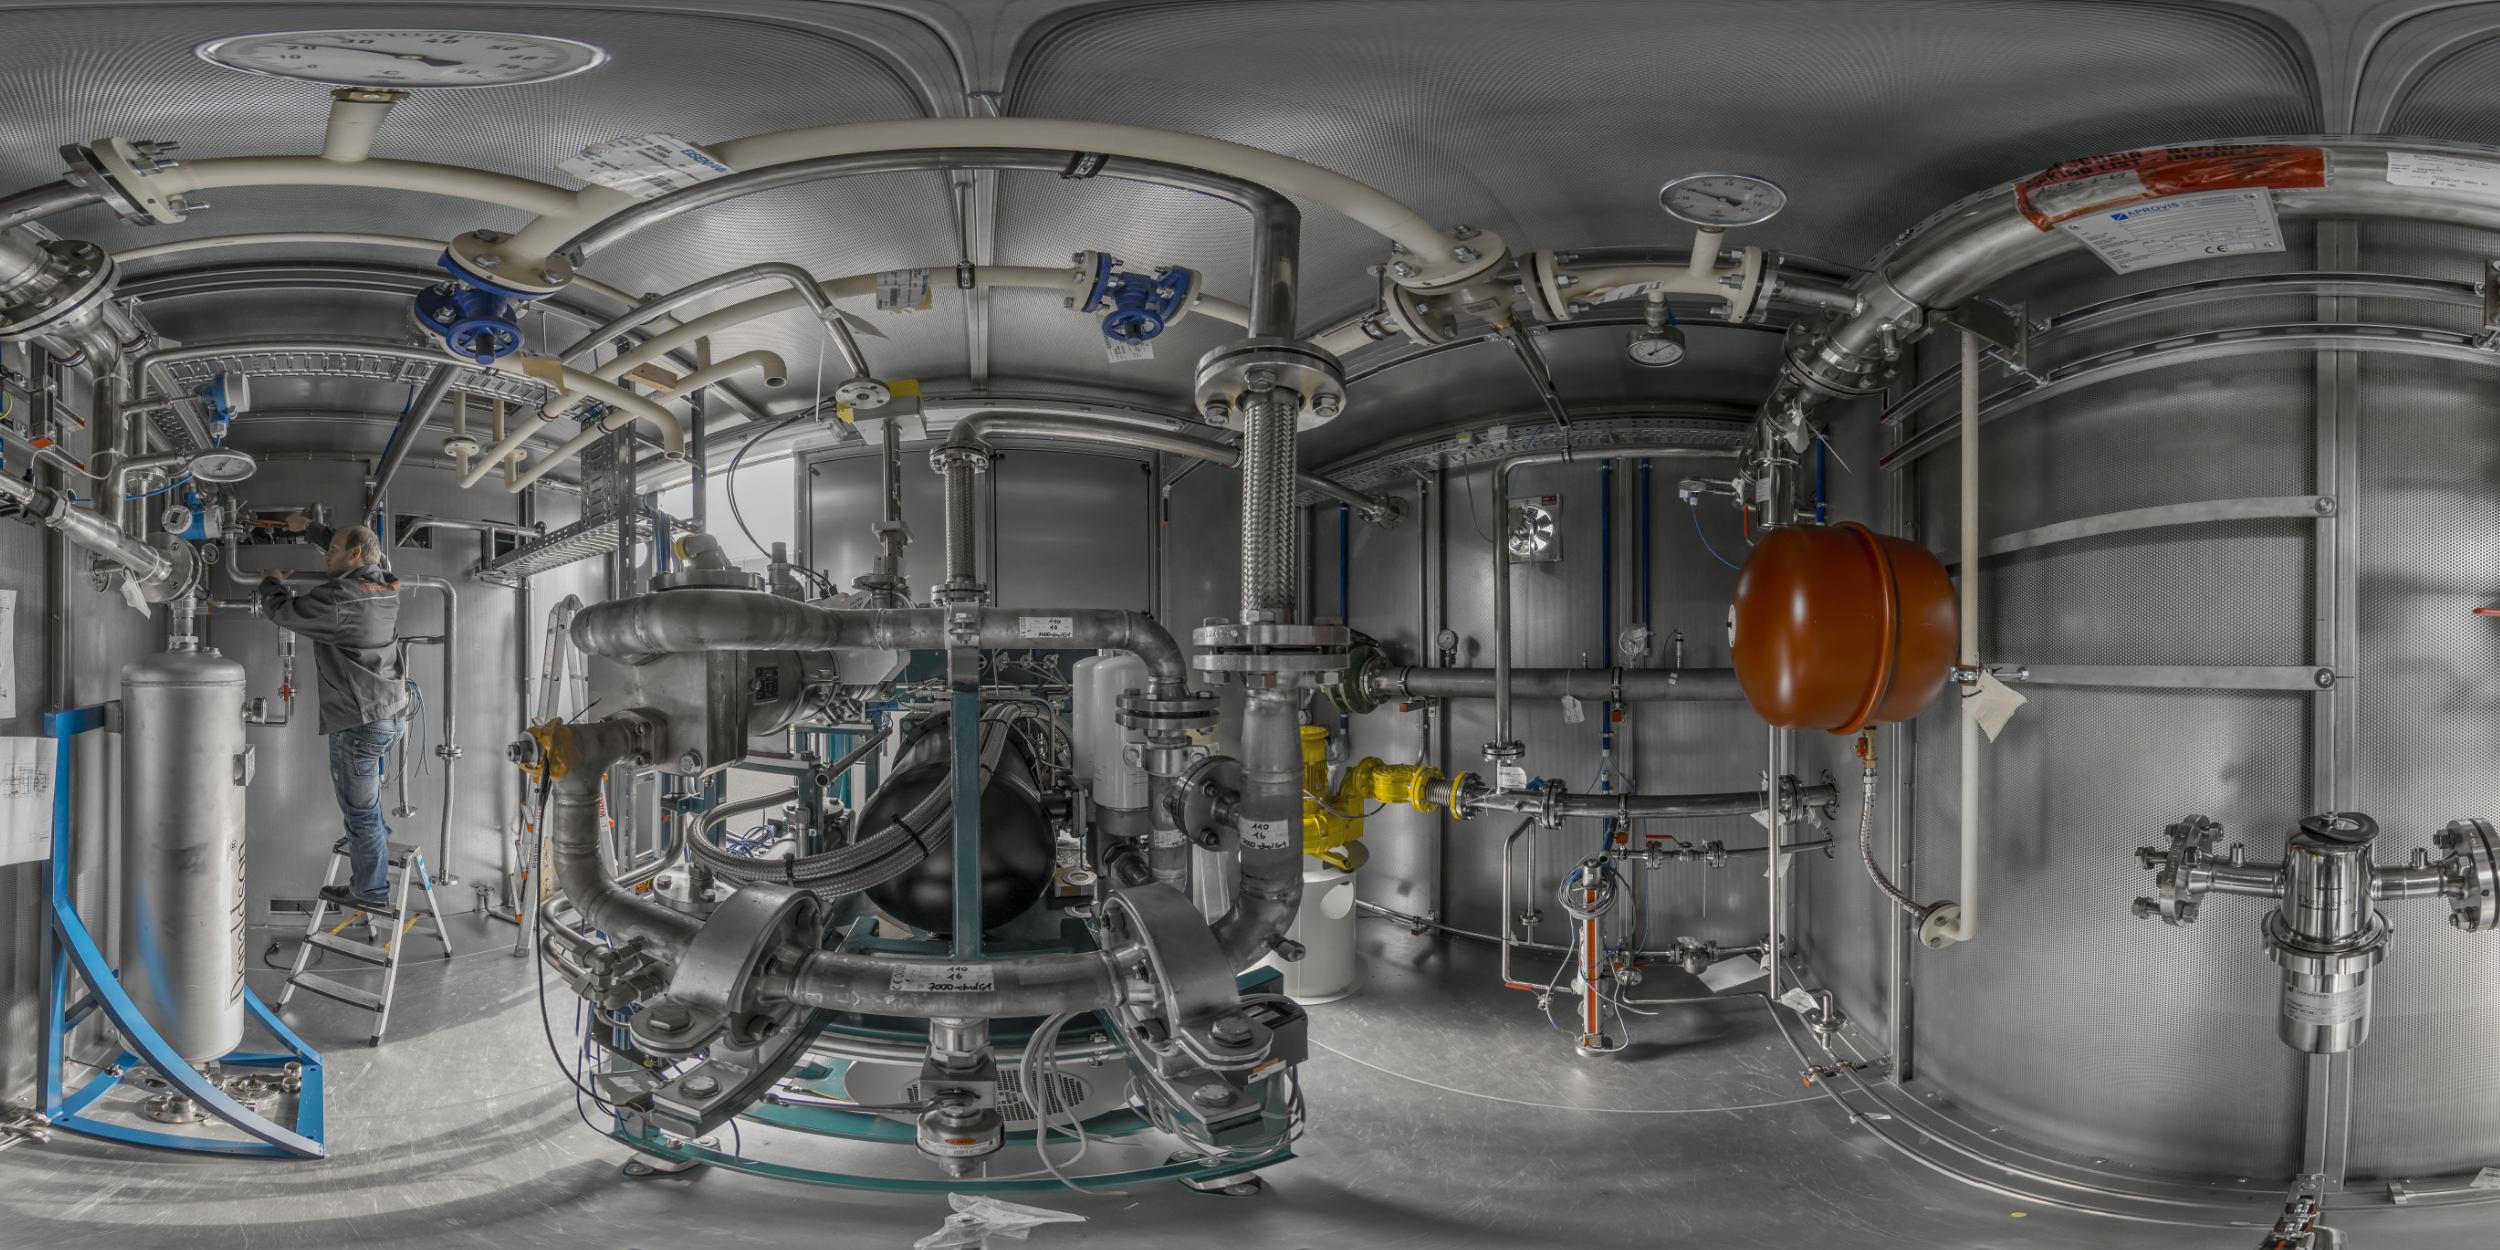 Industriefotografie Stuttgart und Umgebung EISENMANN Holzgerlingen Kleinstanlage Monteuer 360 Grad Panorama enger Raum Testanlage